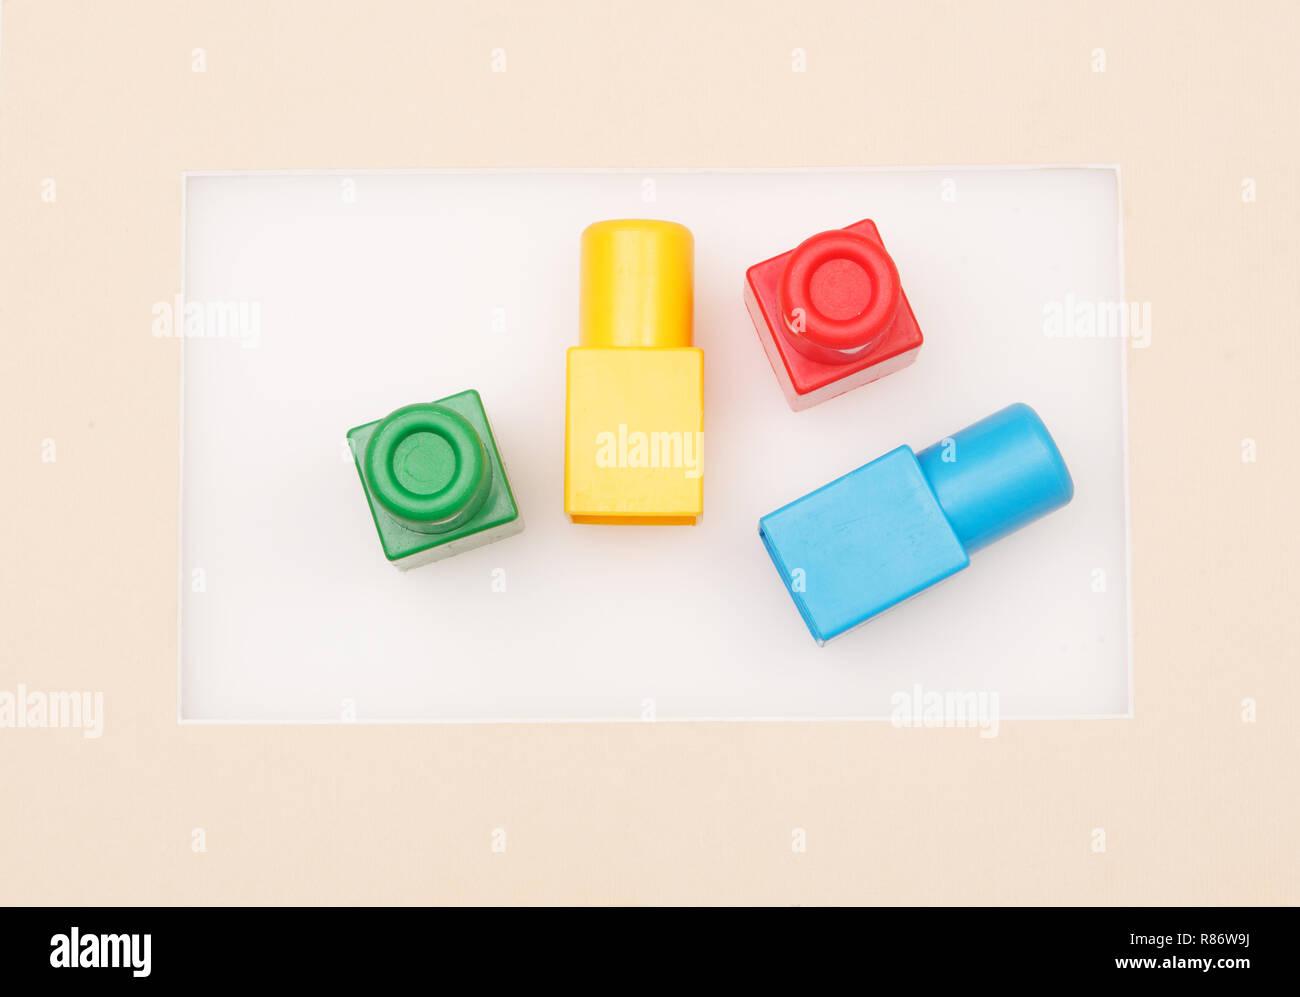 Plastic building blocks in the frame Stock Photo: 228803614 - Alamy